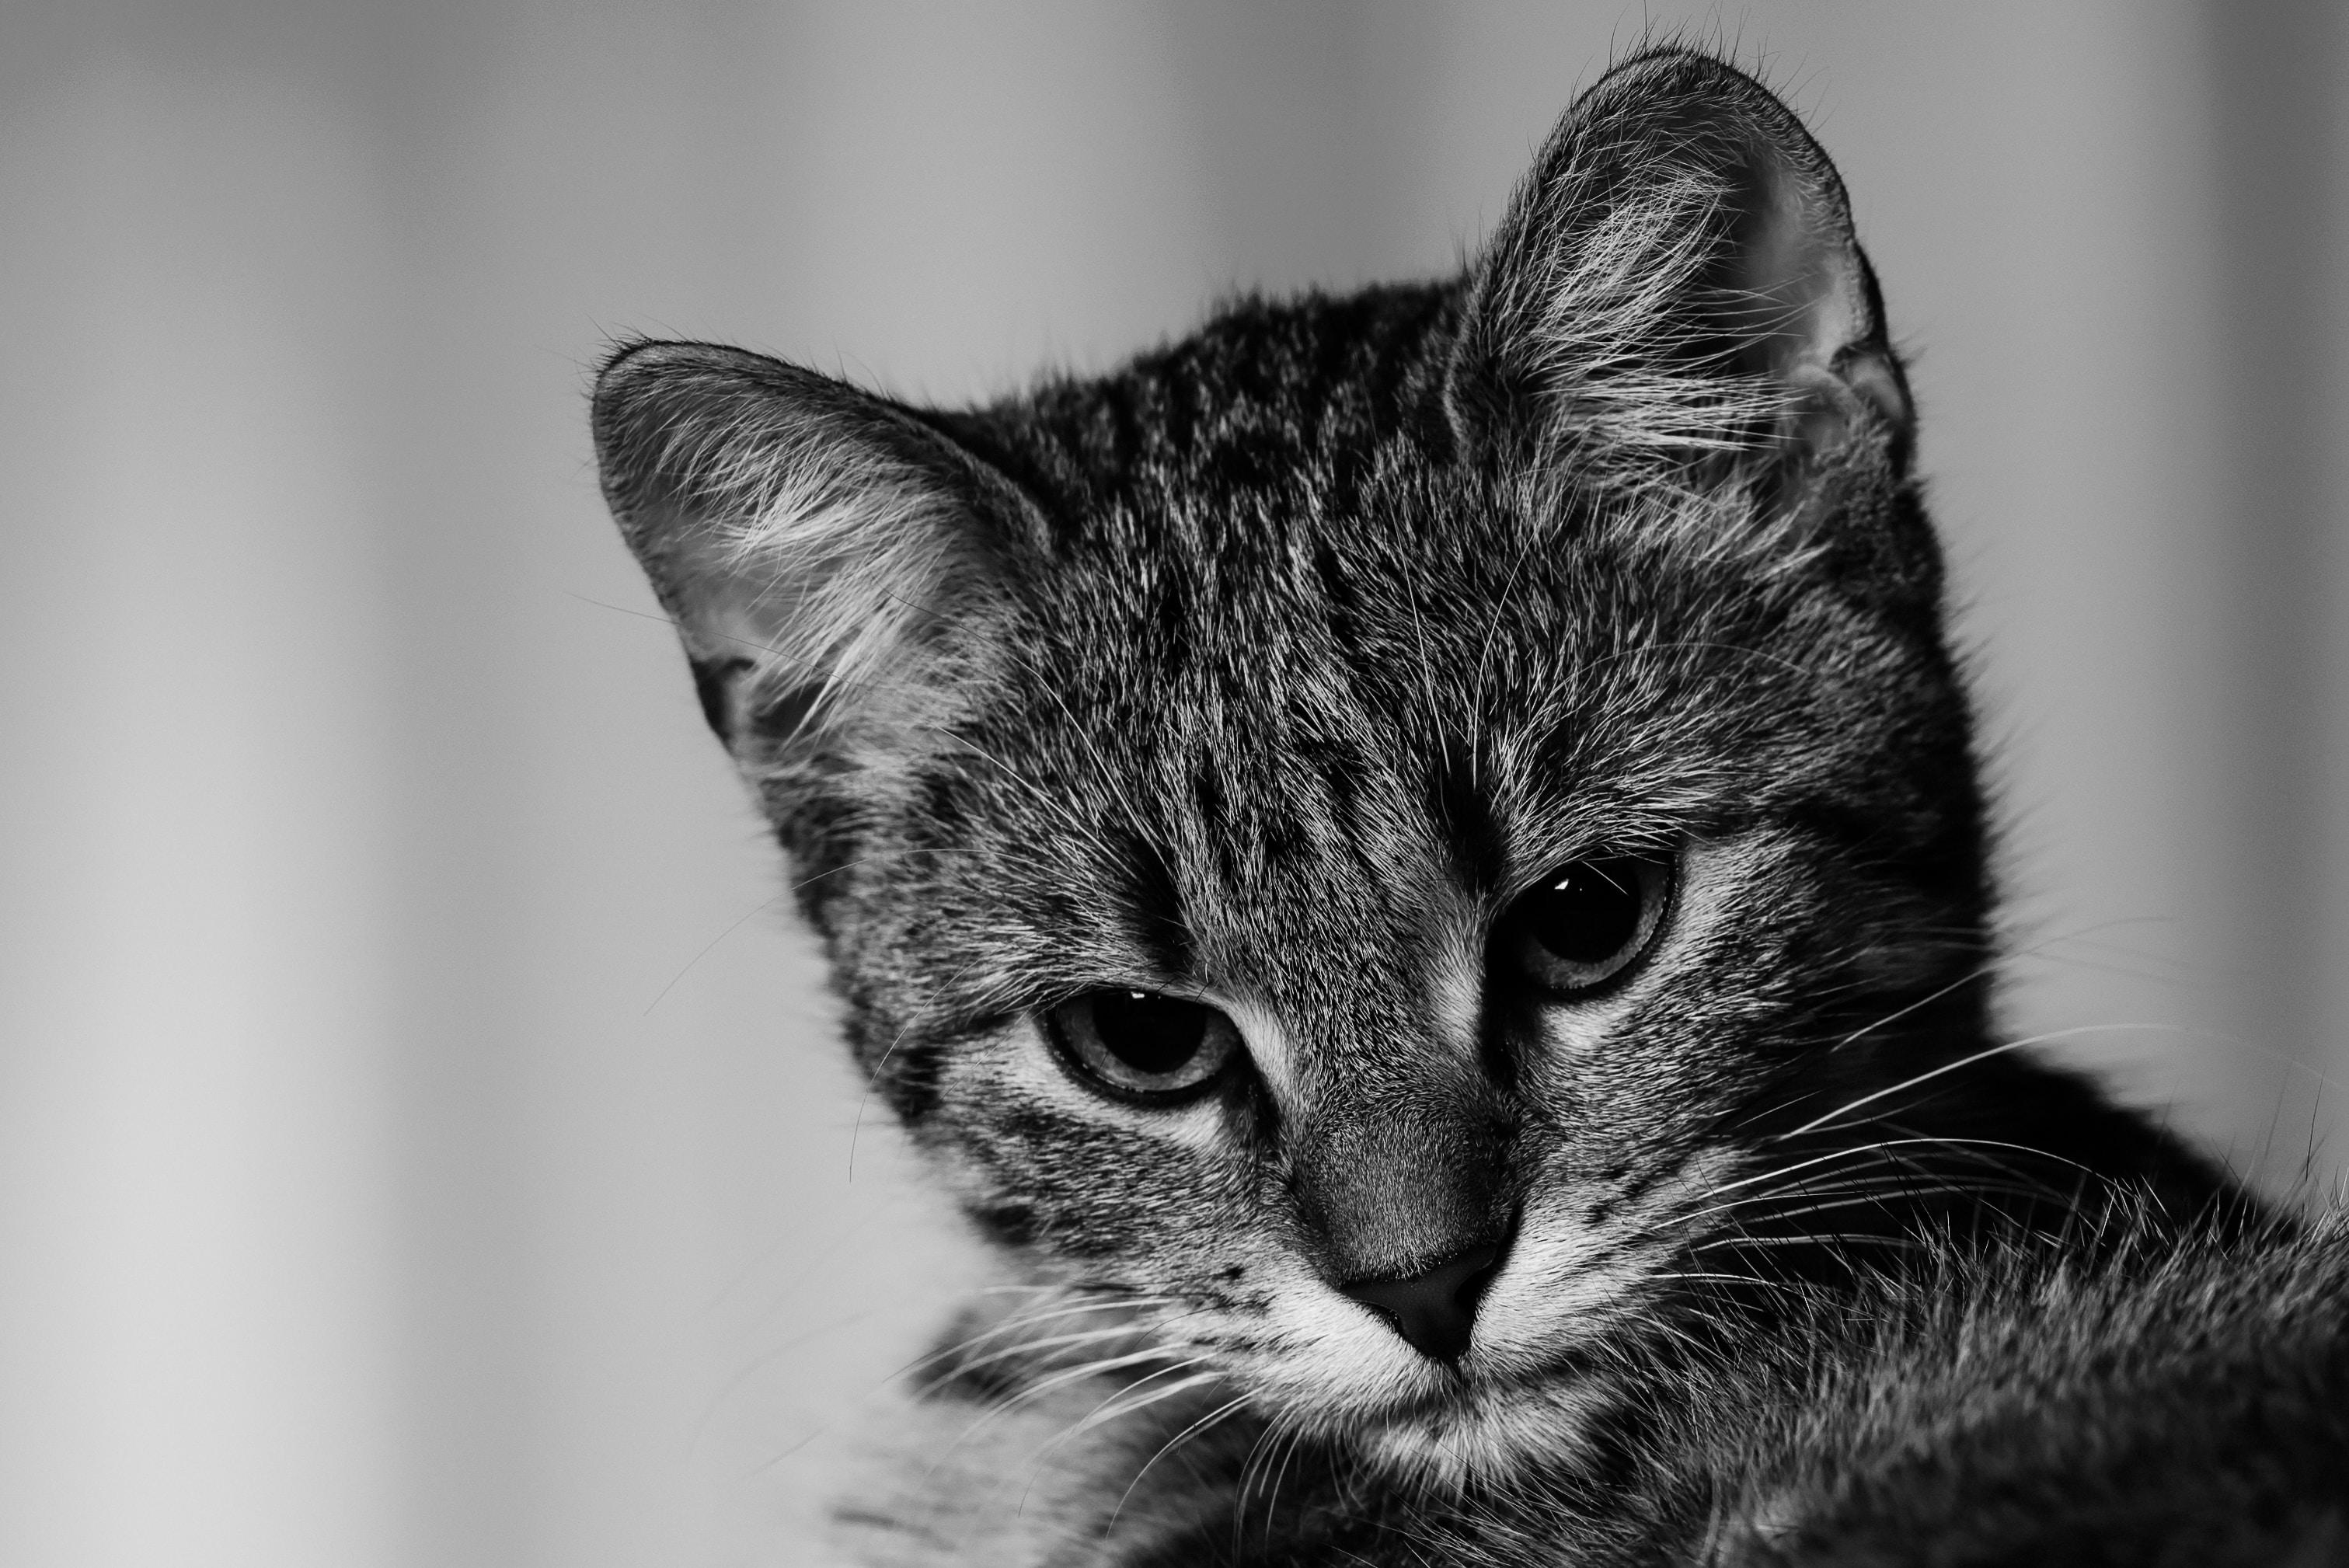 152151 Protetores de tela e papéis de parede Animais em seu telefone. Baixe Animais, Gato, Gatinha, Gatinho, Bicho De Estimação, Animal De Estimação, Bw, Chb fotos gratuitamente